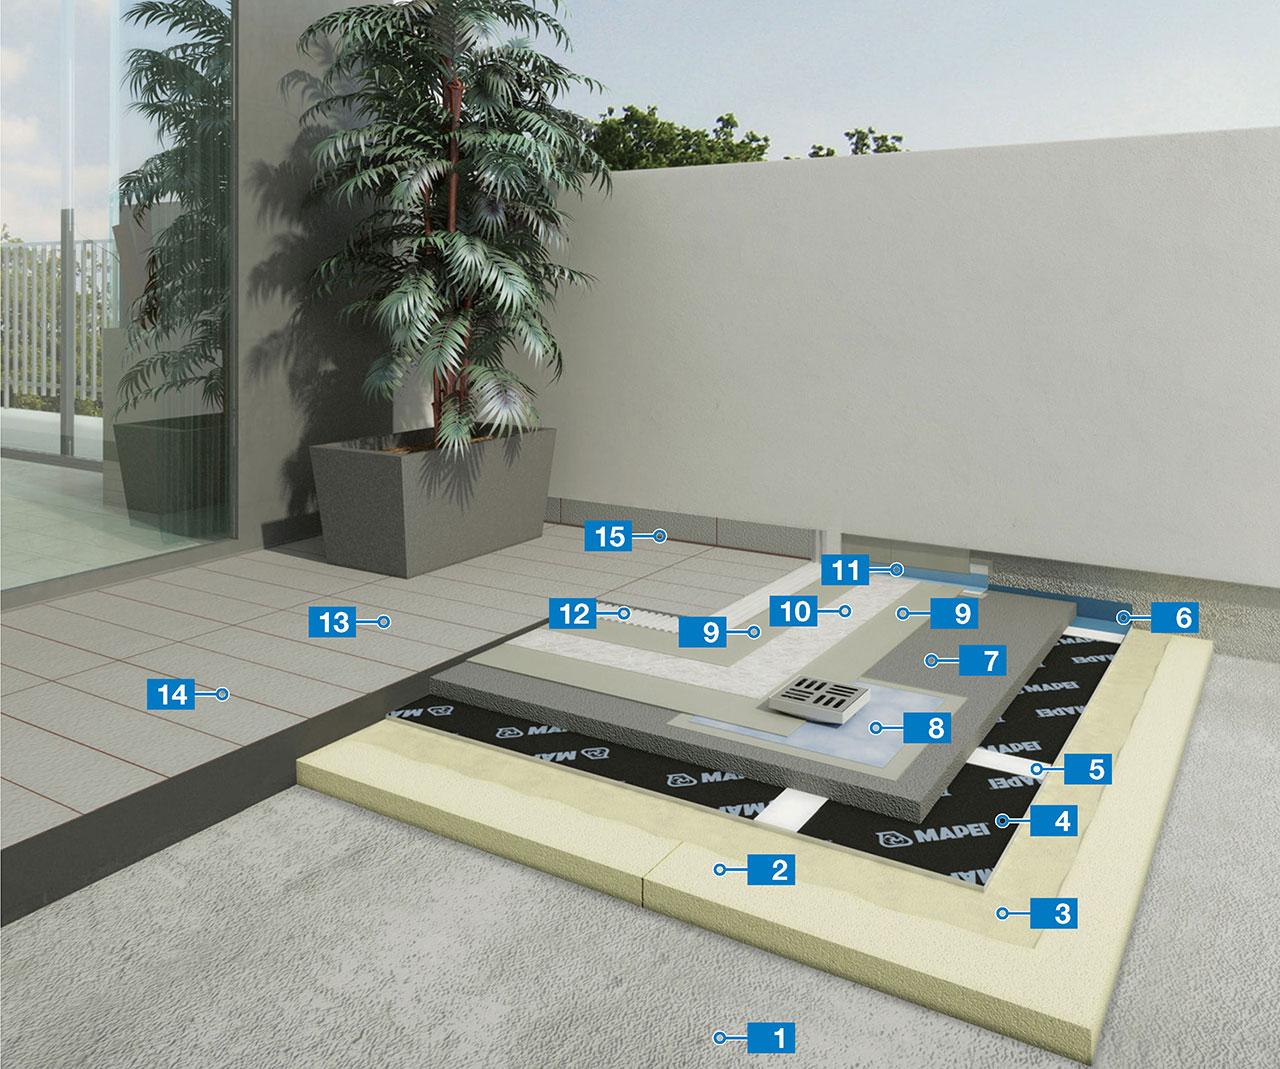 Impermeabilizzazione E Posa Di Ceramica Su Terrazze Con Sistema Di  Isolamento Acustico Contro I Rumori Da Calpestio